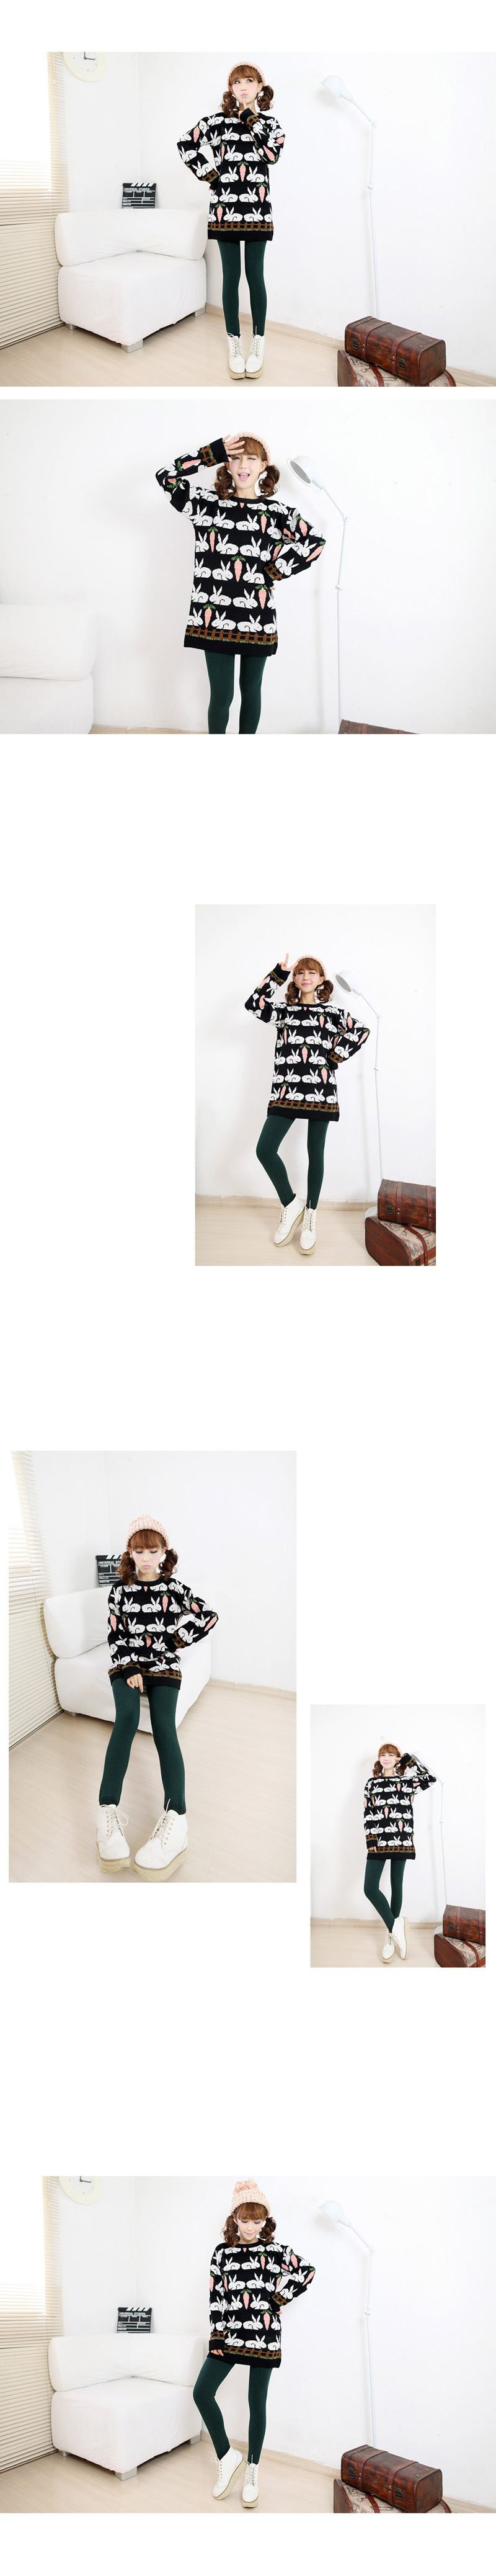 伊芙言2015冬装新款兔子胡萝卜图案超萌卡通可爱长袖毛衣森女针织衫裙